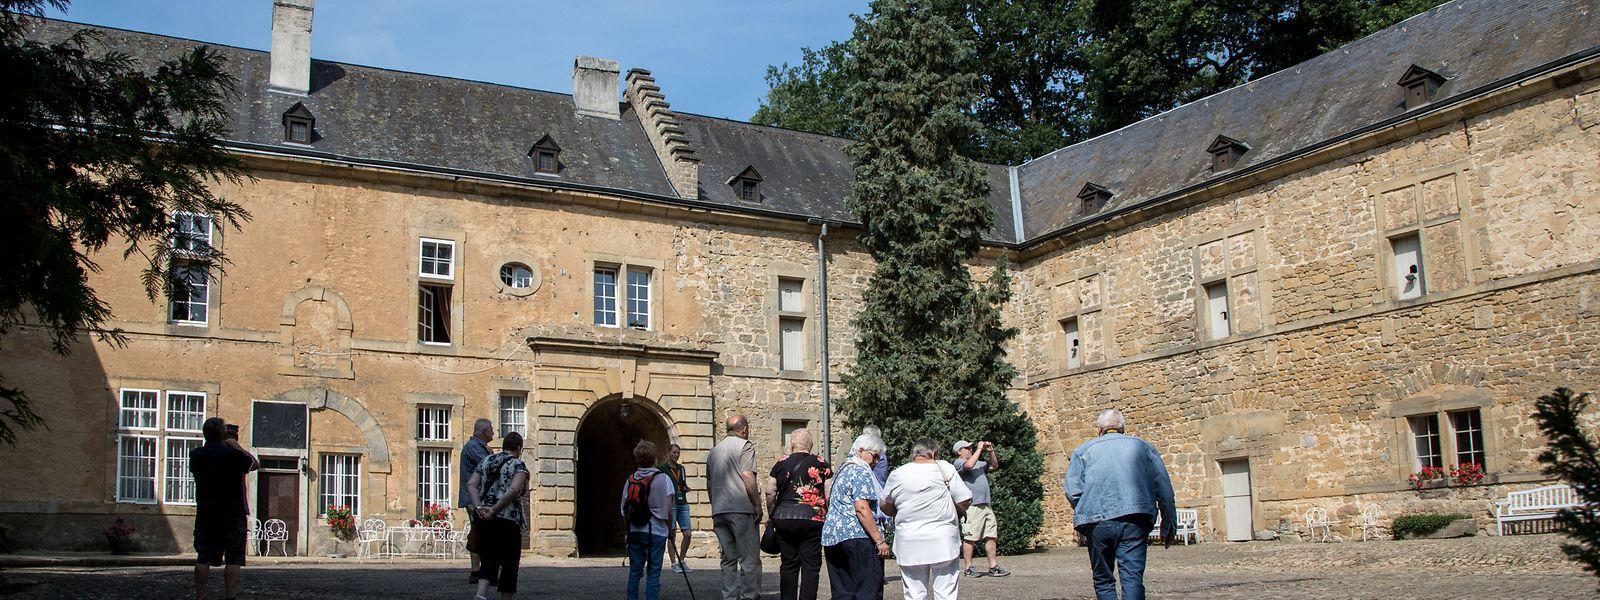 Im Schlosshof des Renaissanceschloss werden diesen Sommer Clubkonzerte stattfinden.